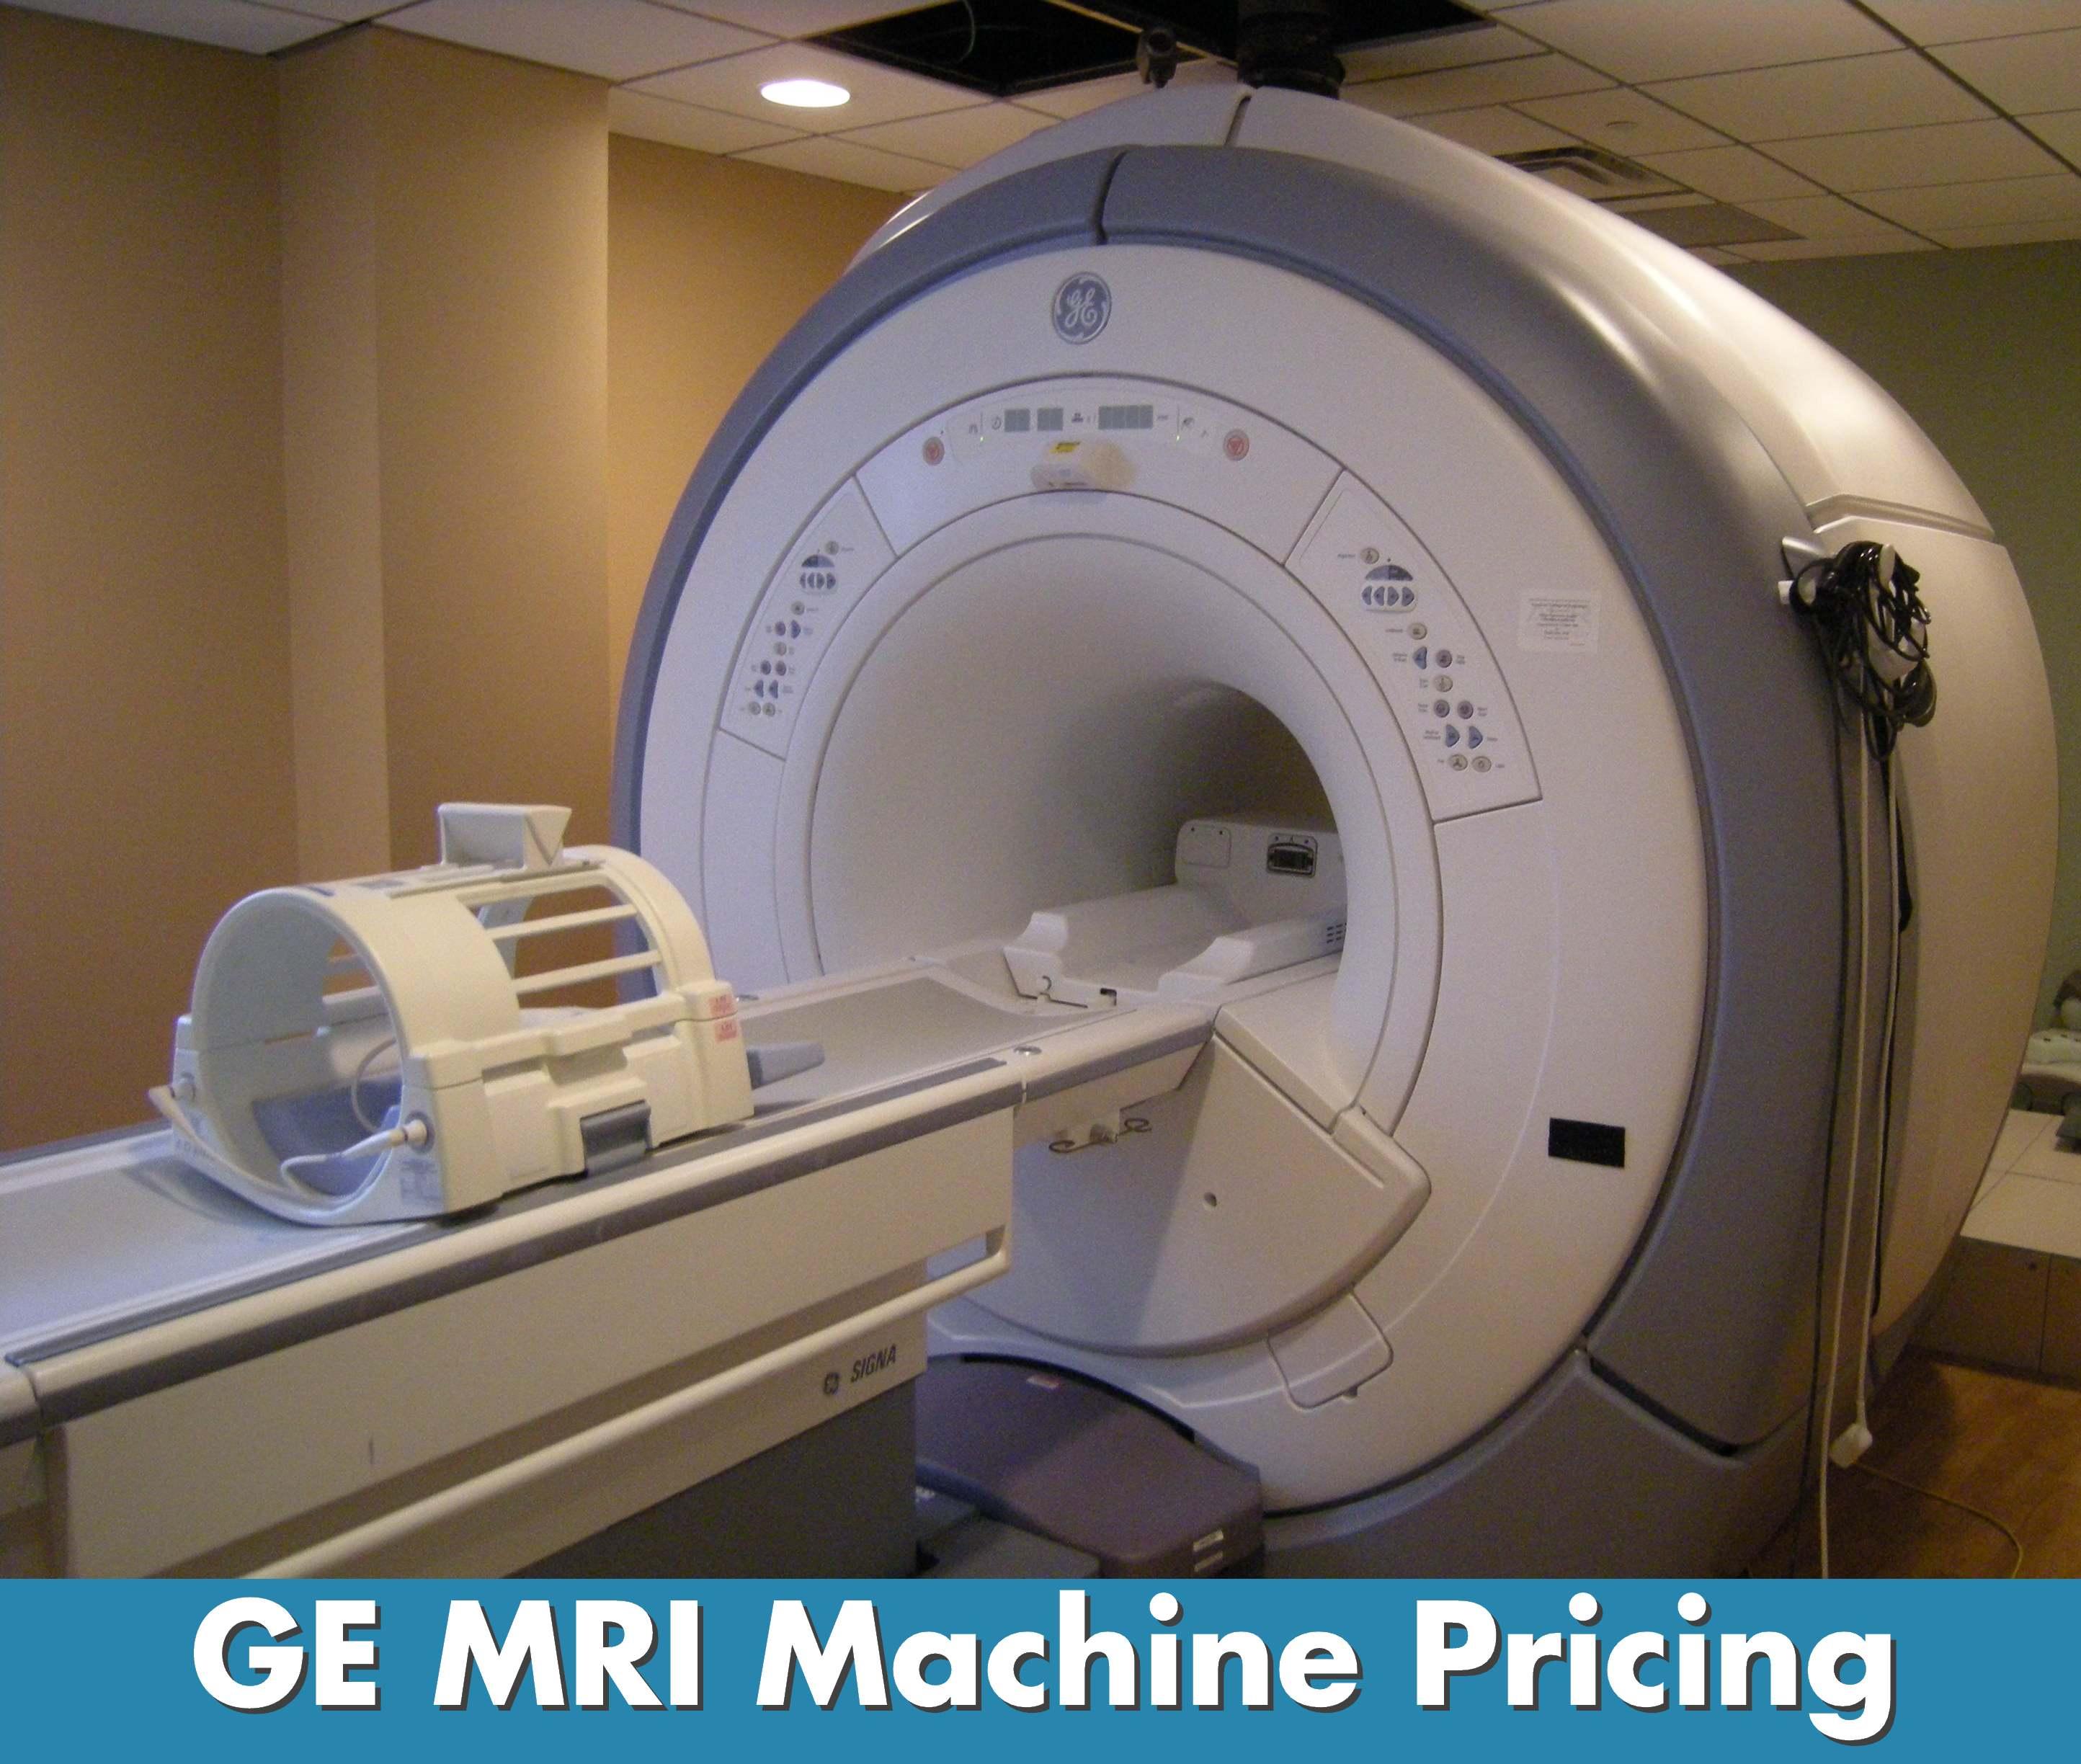 mri machine cost